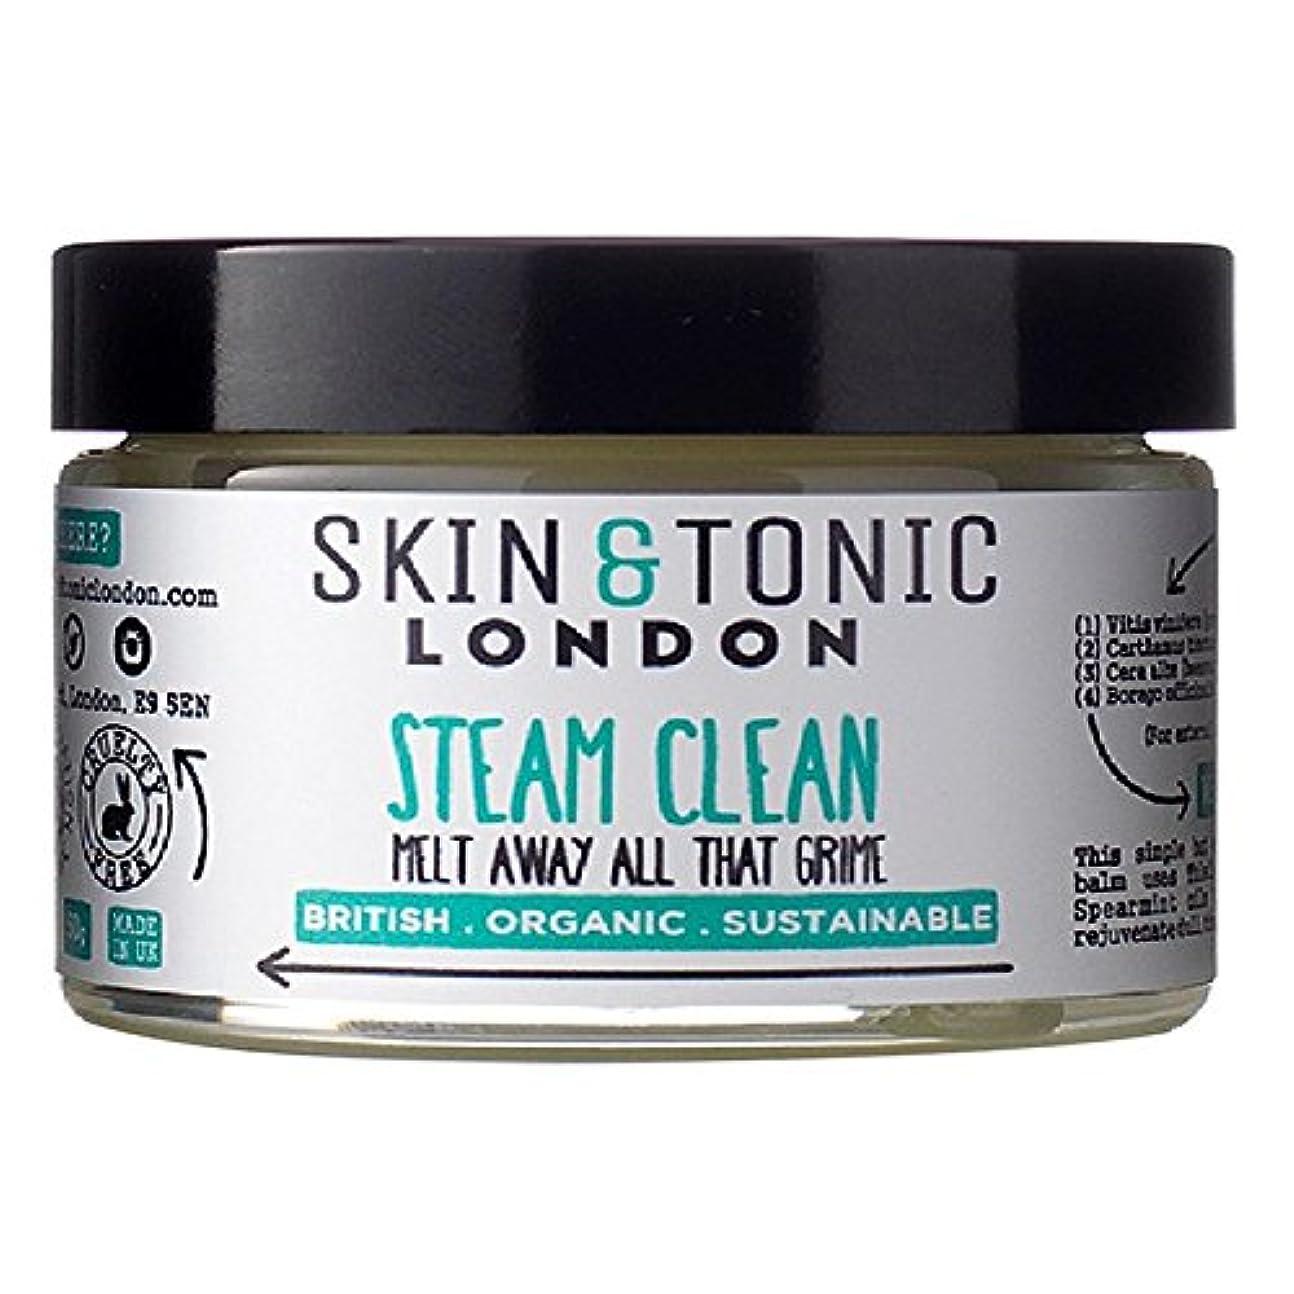 衰える噴水器官Skin & Tonic London Steam Clean 50g (Pack of 6) - スキン&トニックロンドン蒸気きれいな50グラム x6 [並行輸入品]